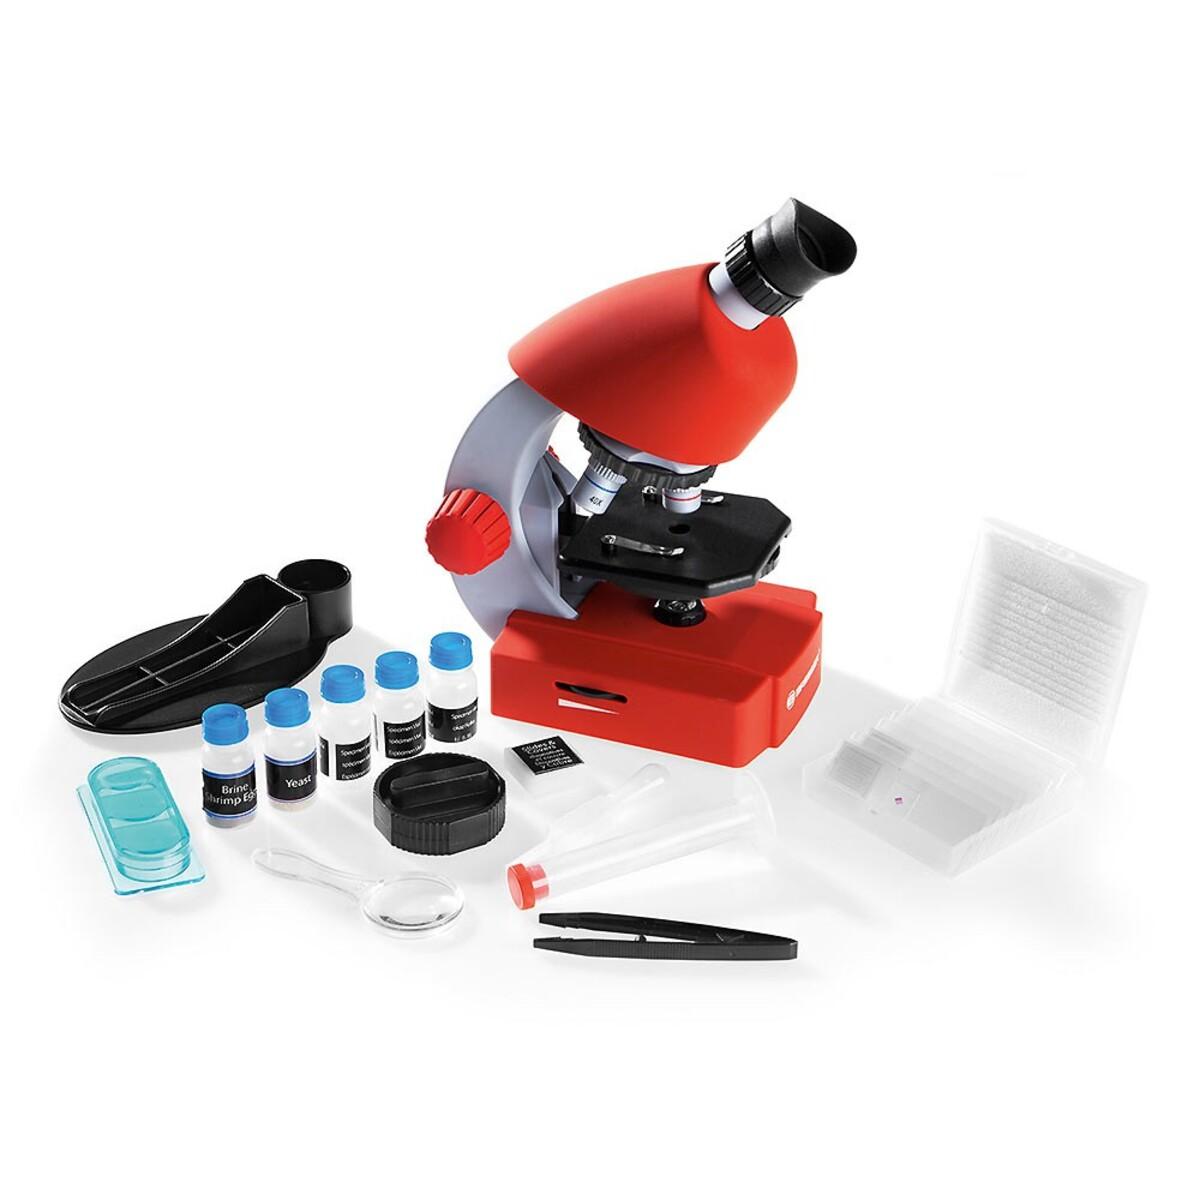 Bild 1 von Bresser Kindermikroskop rot